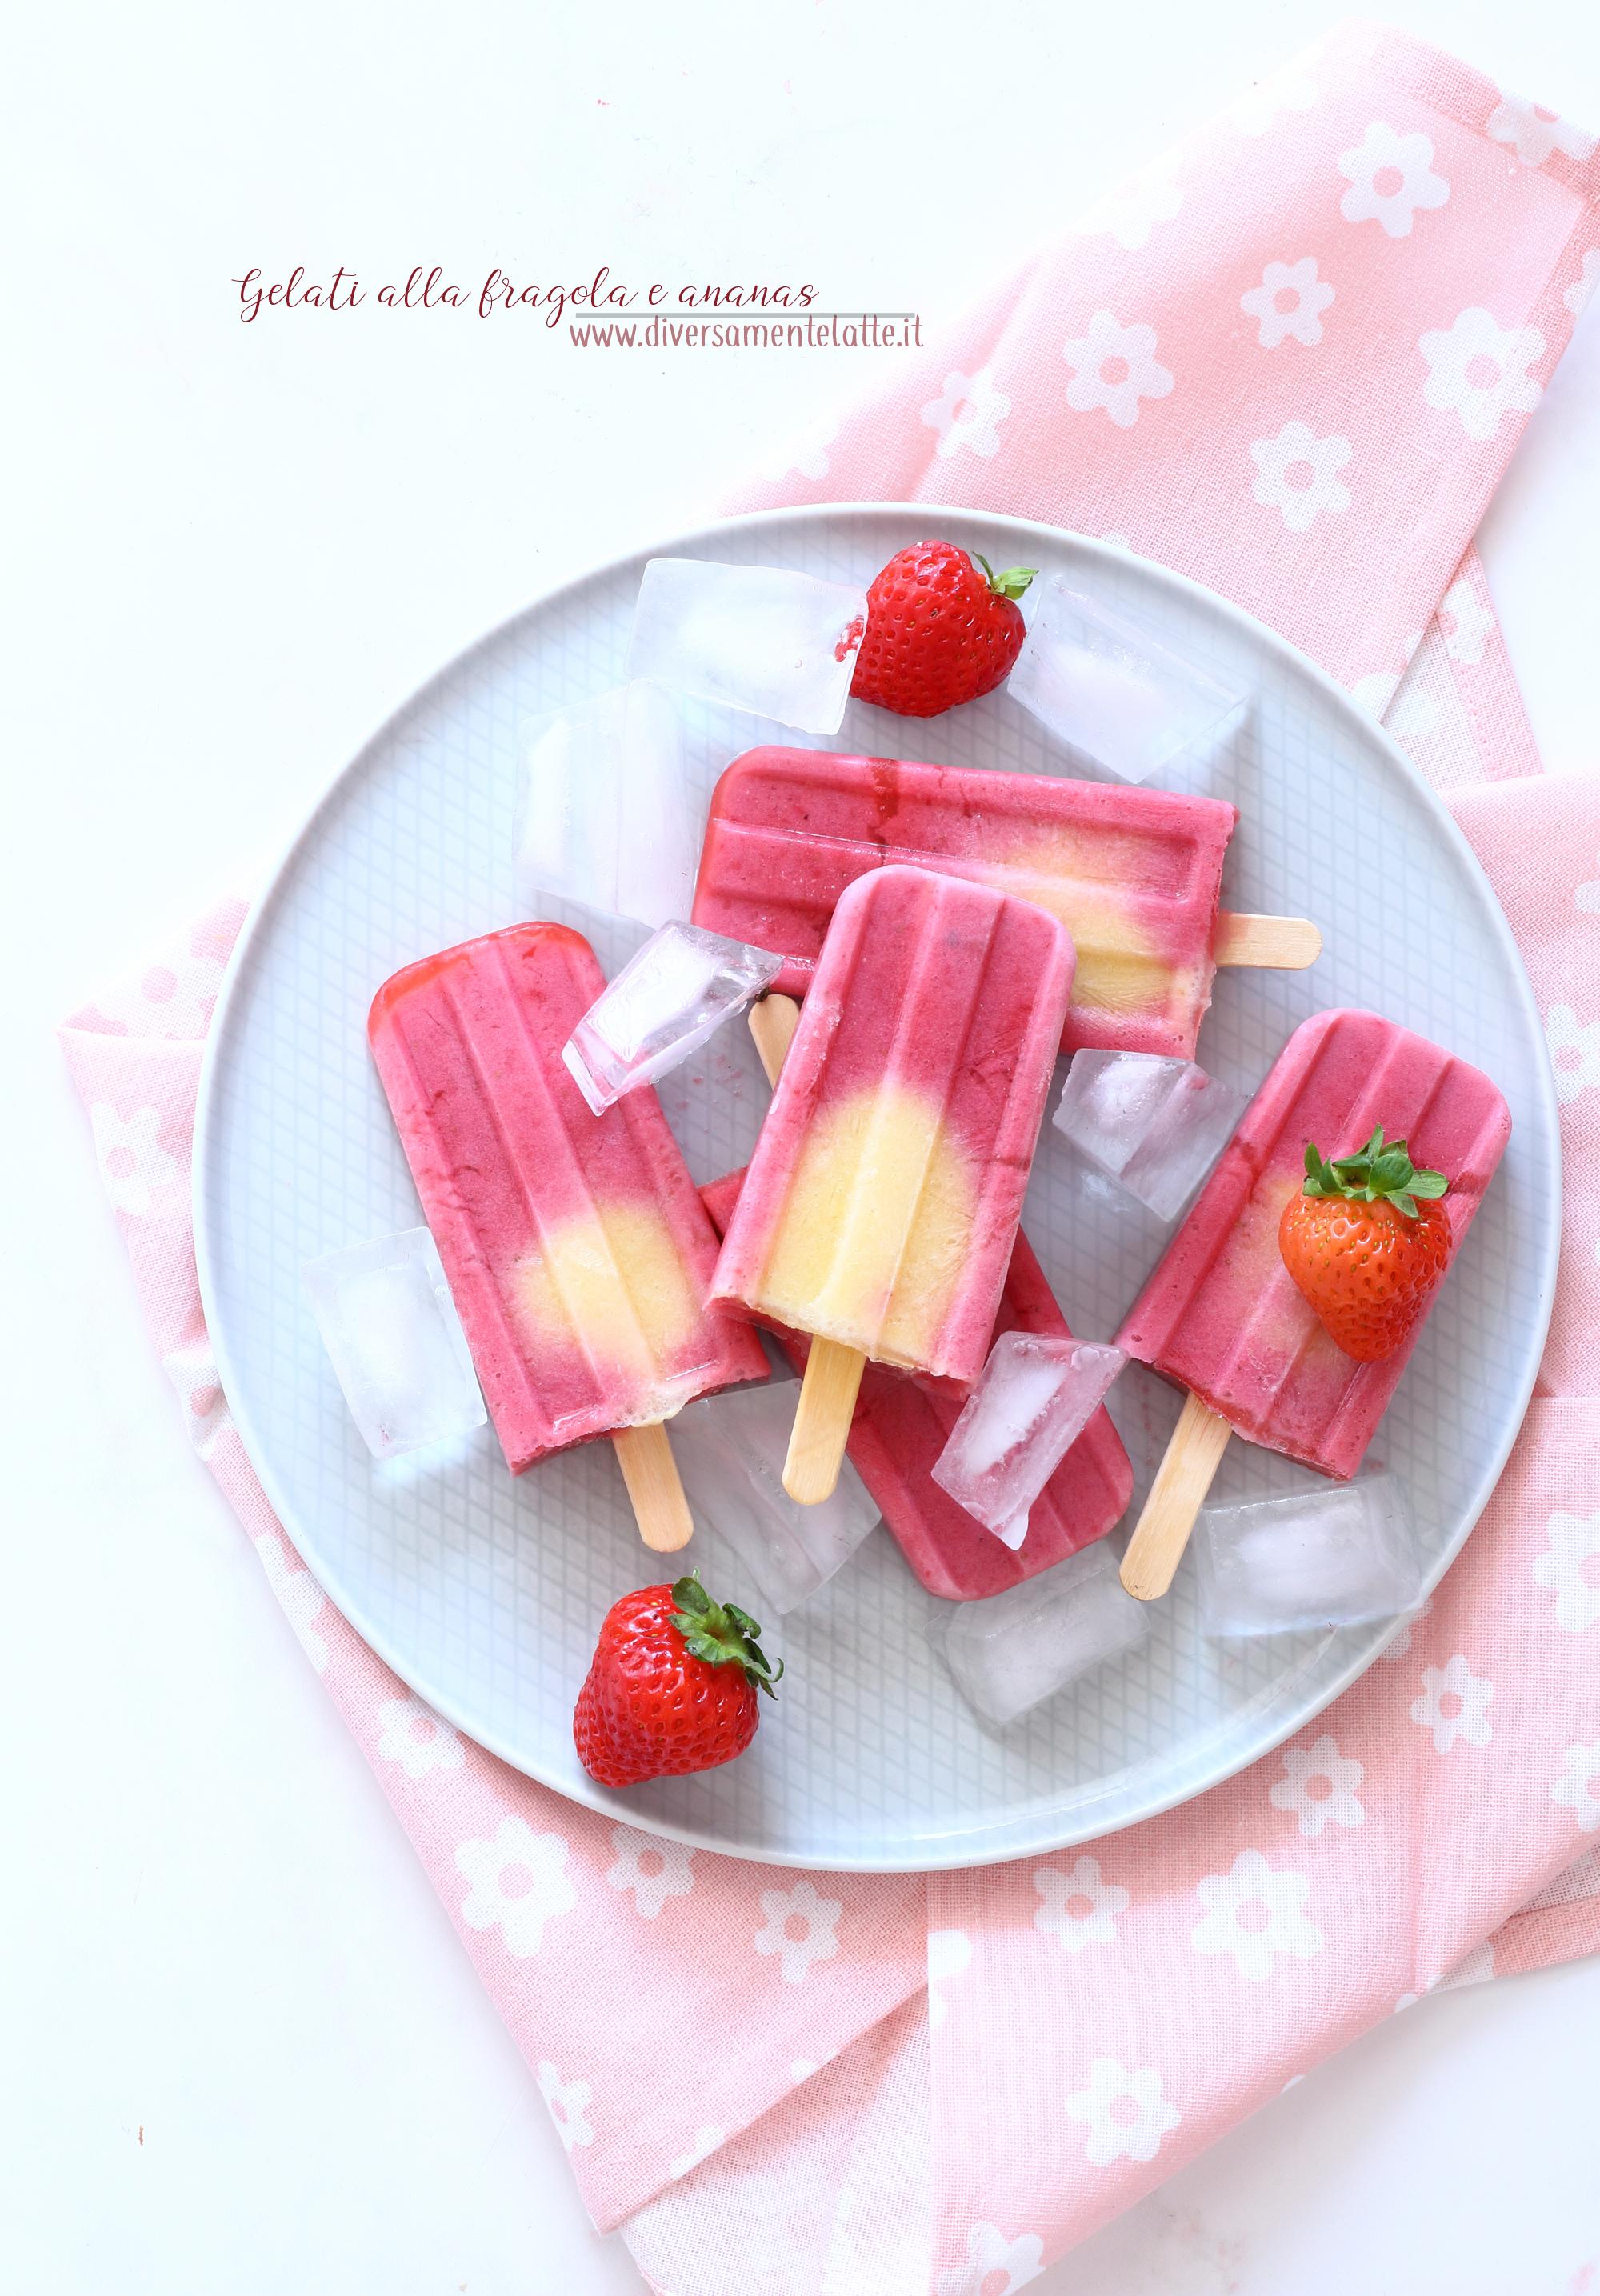 gelati alla fragola e ananas